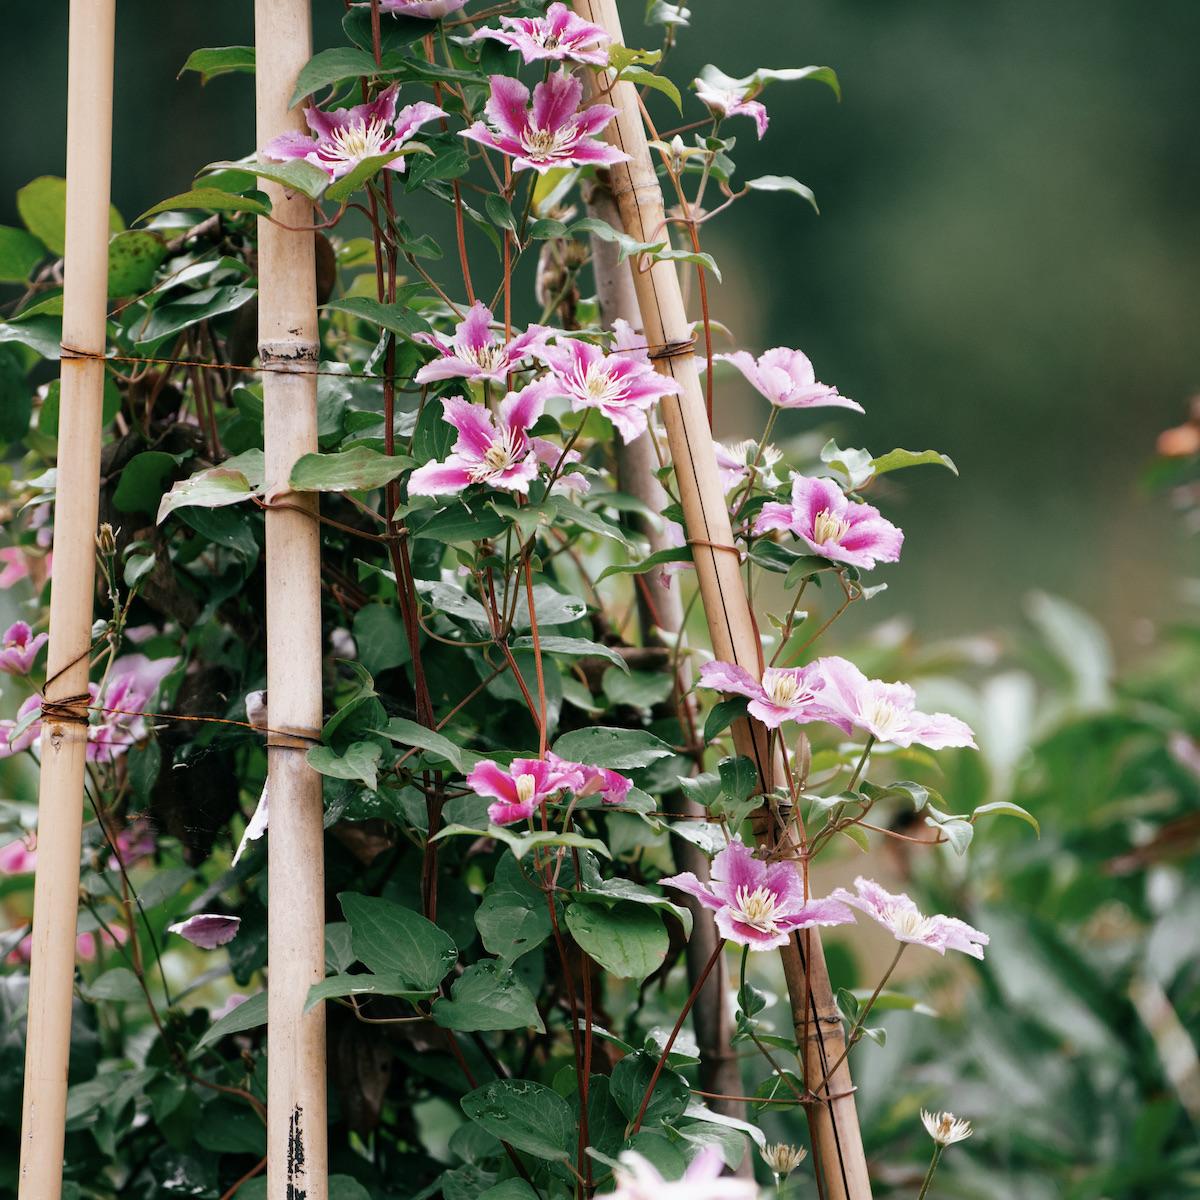 plante grimpante balcon Ouest fleur étoile blanche violette rose